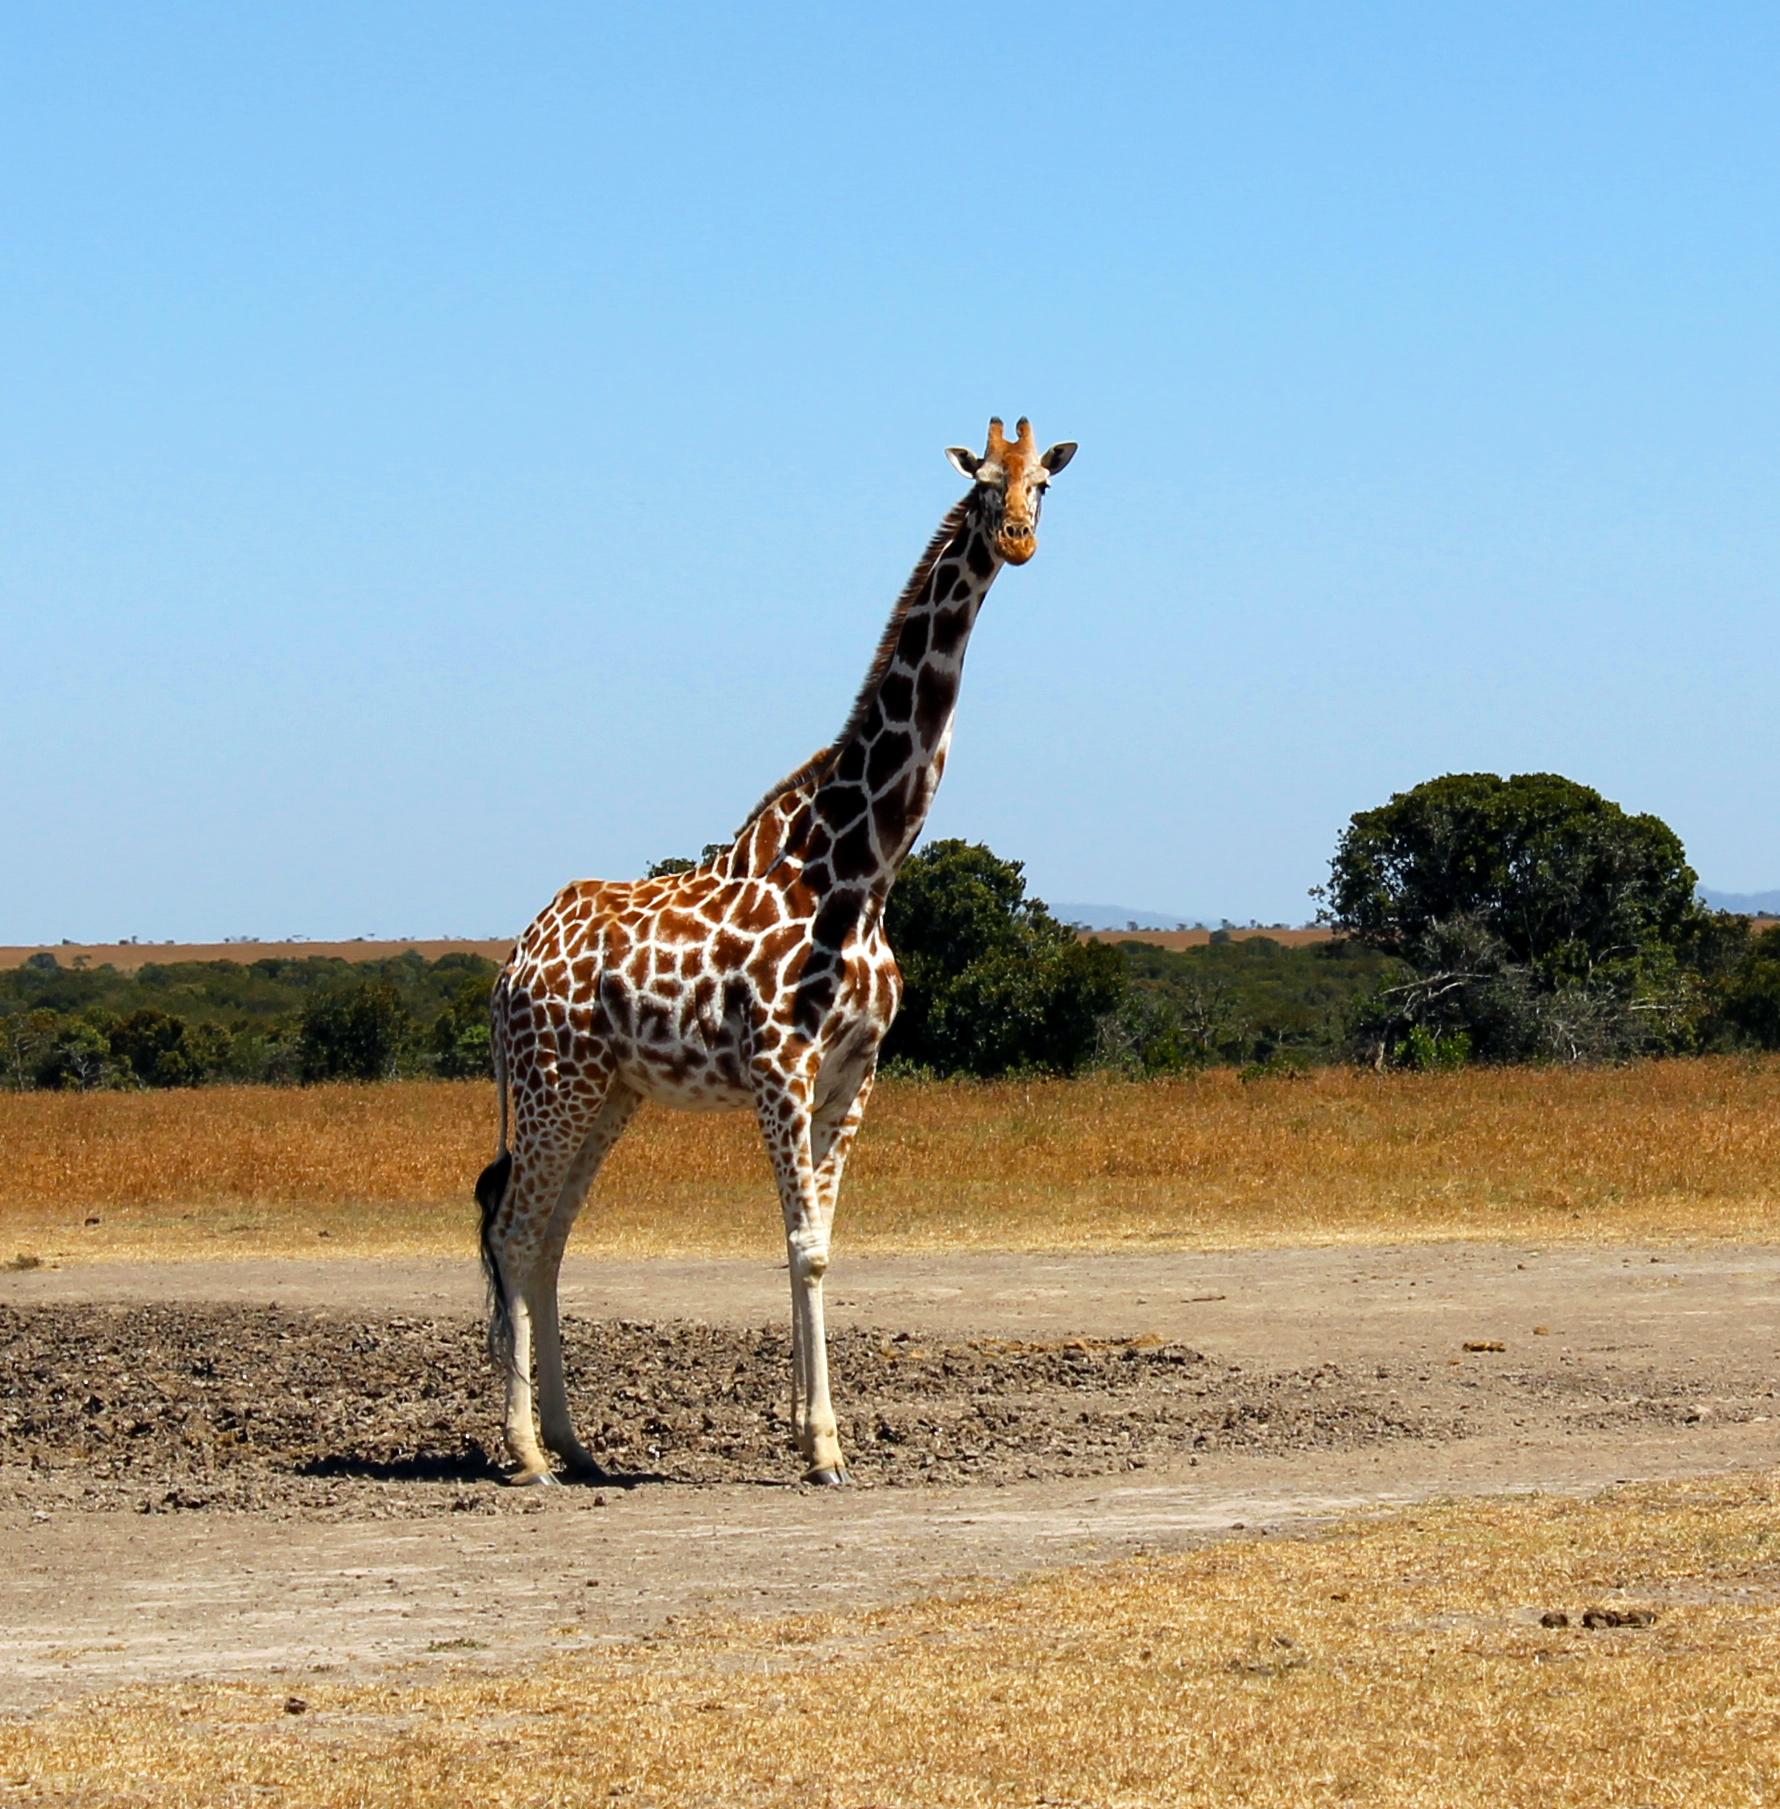 Картинки жирафов настоящих, мая